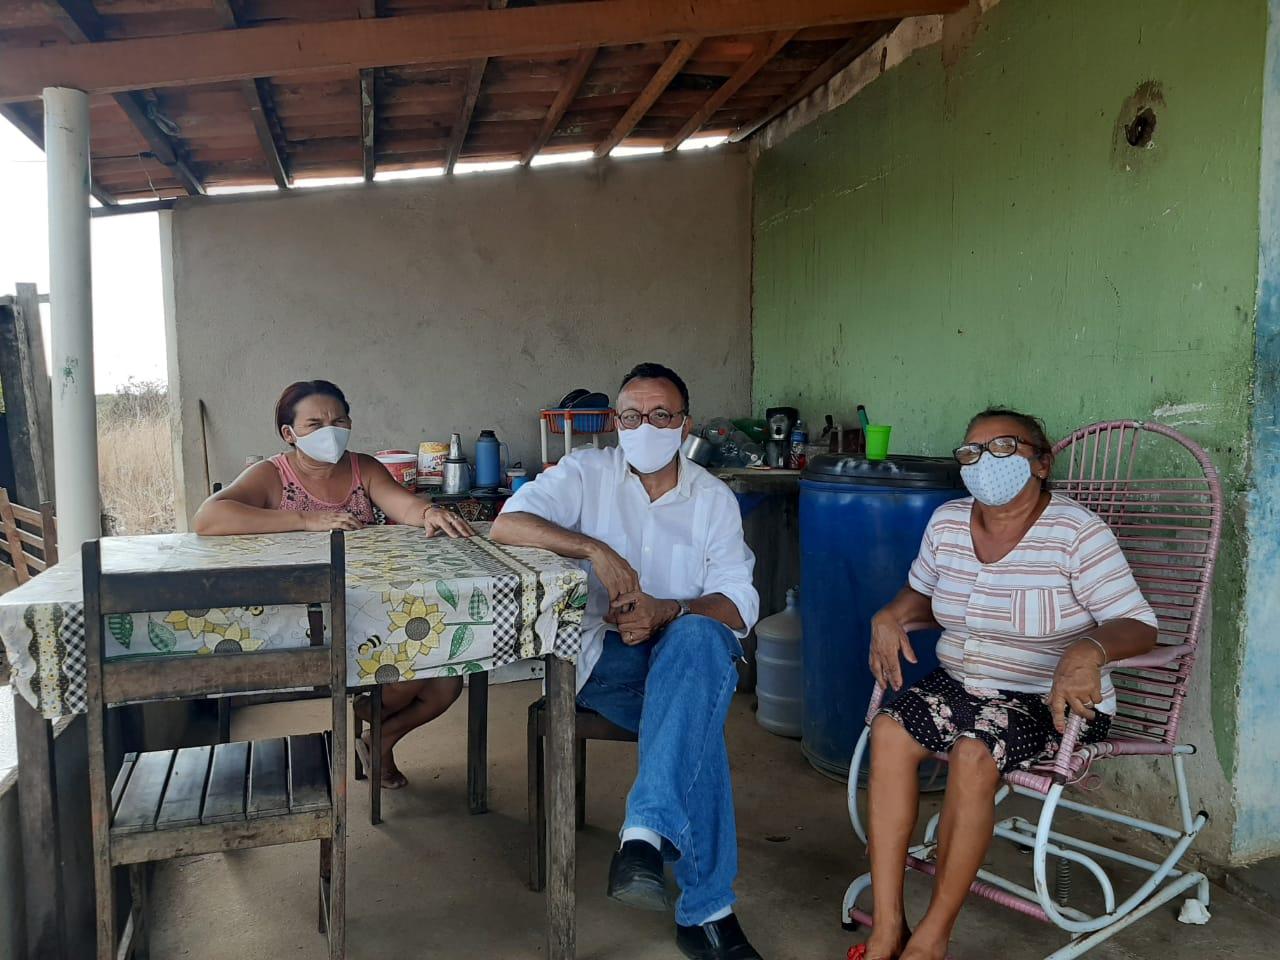 Vereador Zé Gonçalves (PT), confirma que Zona Rural está às escuras